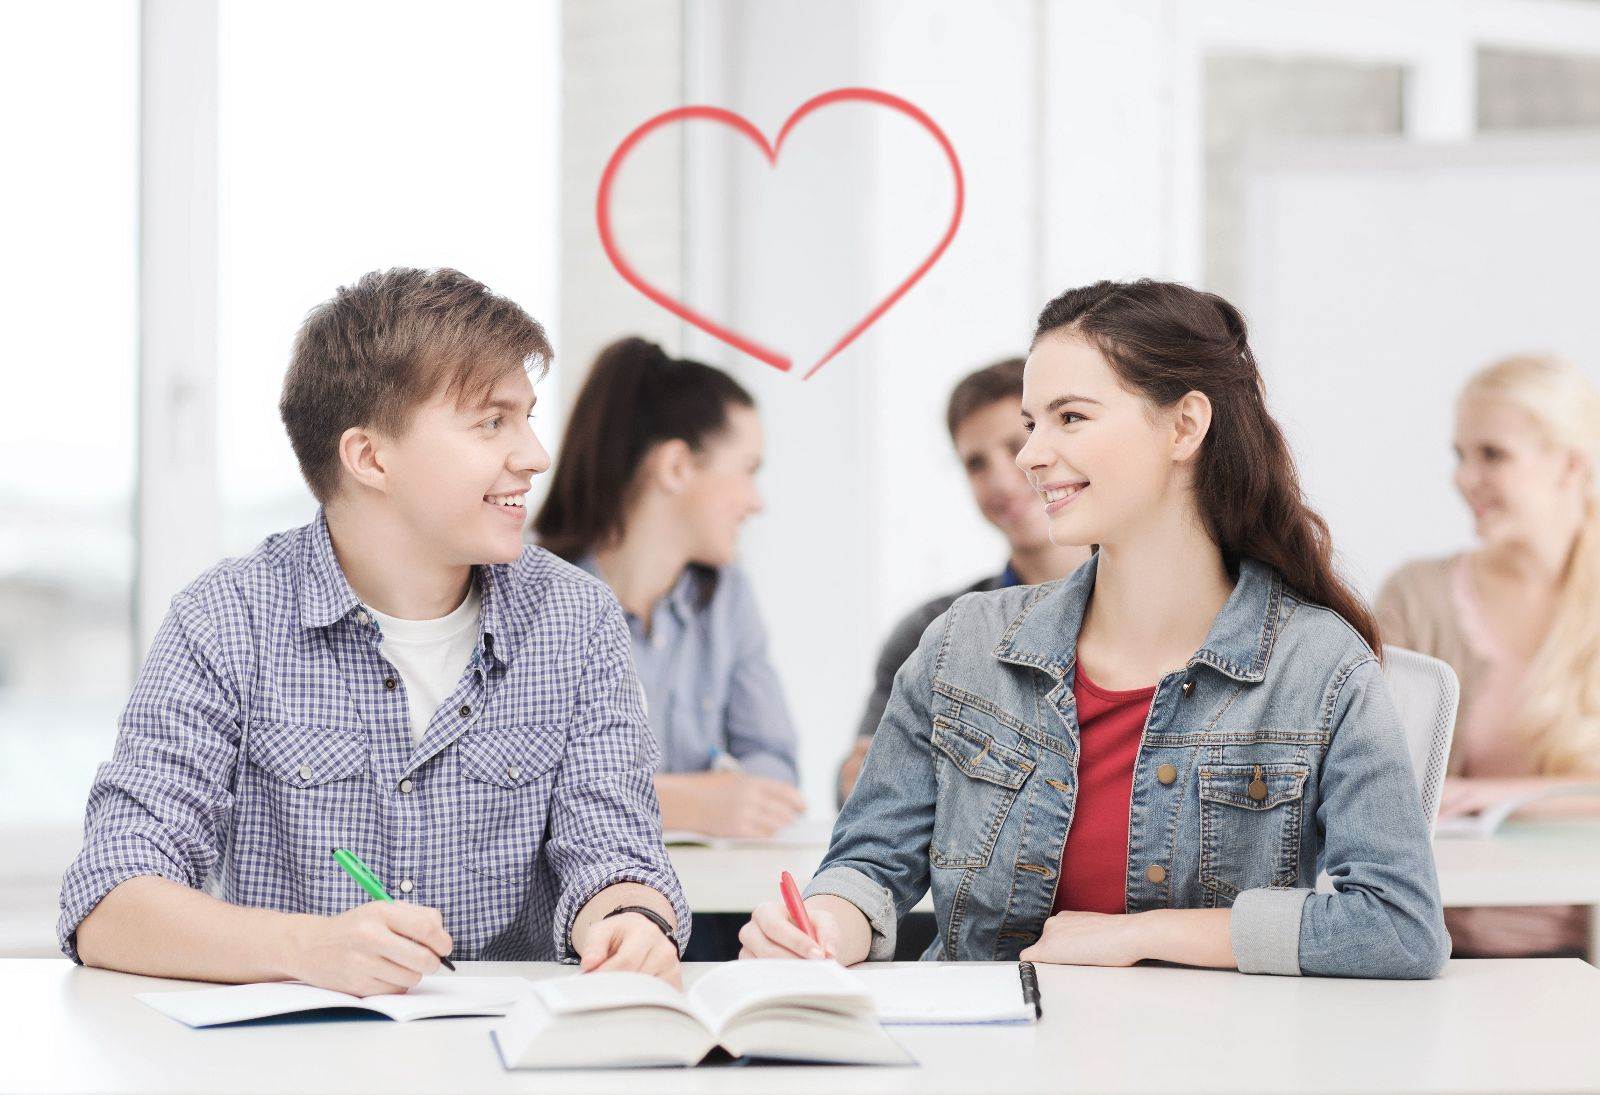 Adolecentes mirandose a los ojos con una ilustración de un corazón arriba de ellos